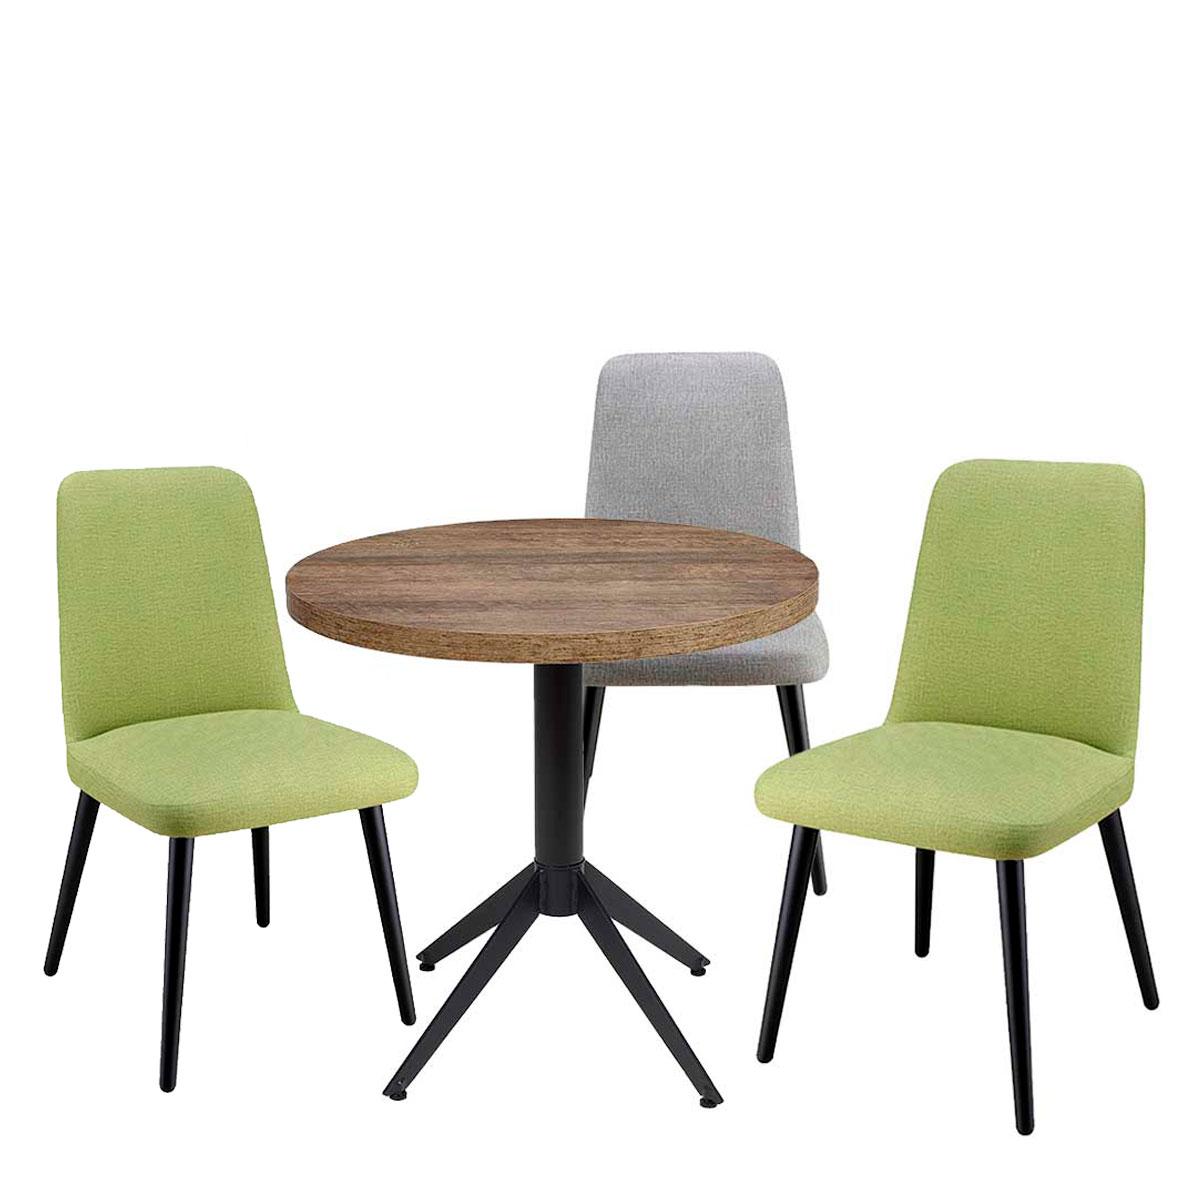 conjunto milano con sillas murano verdes y gris